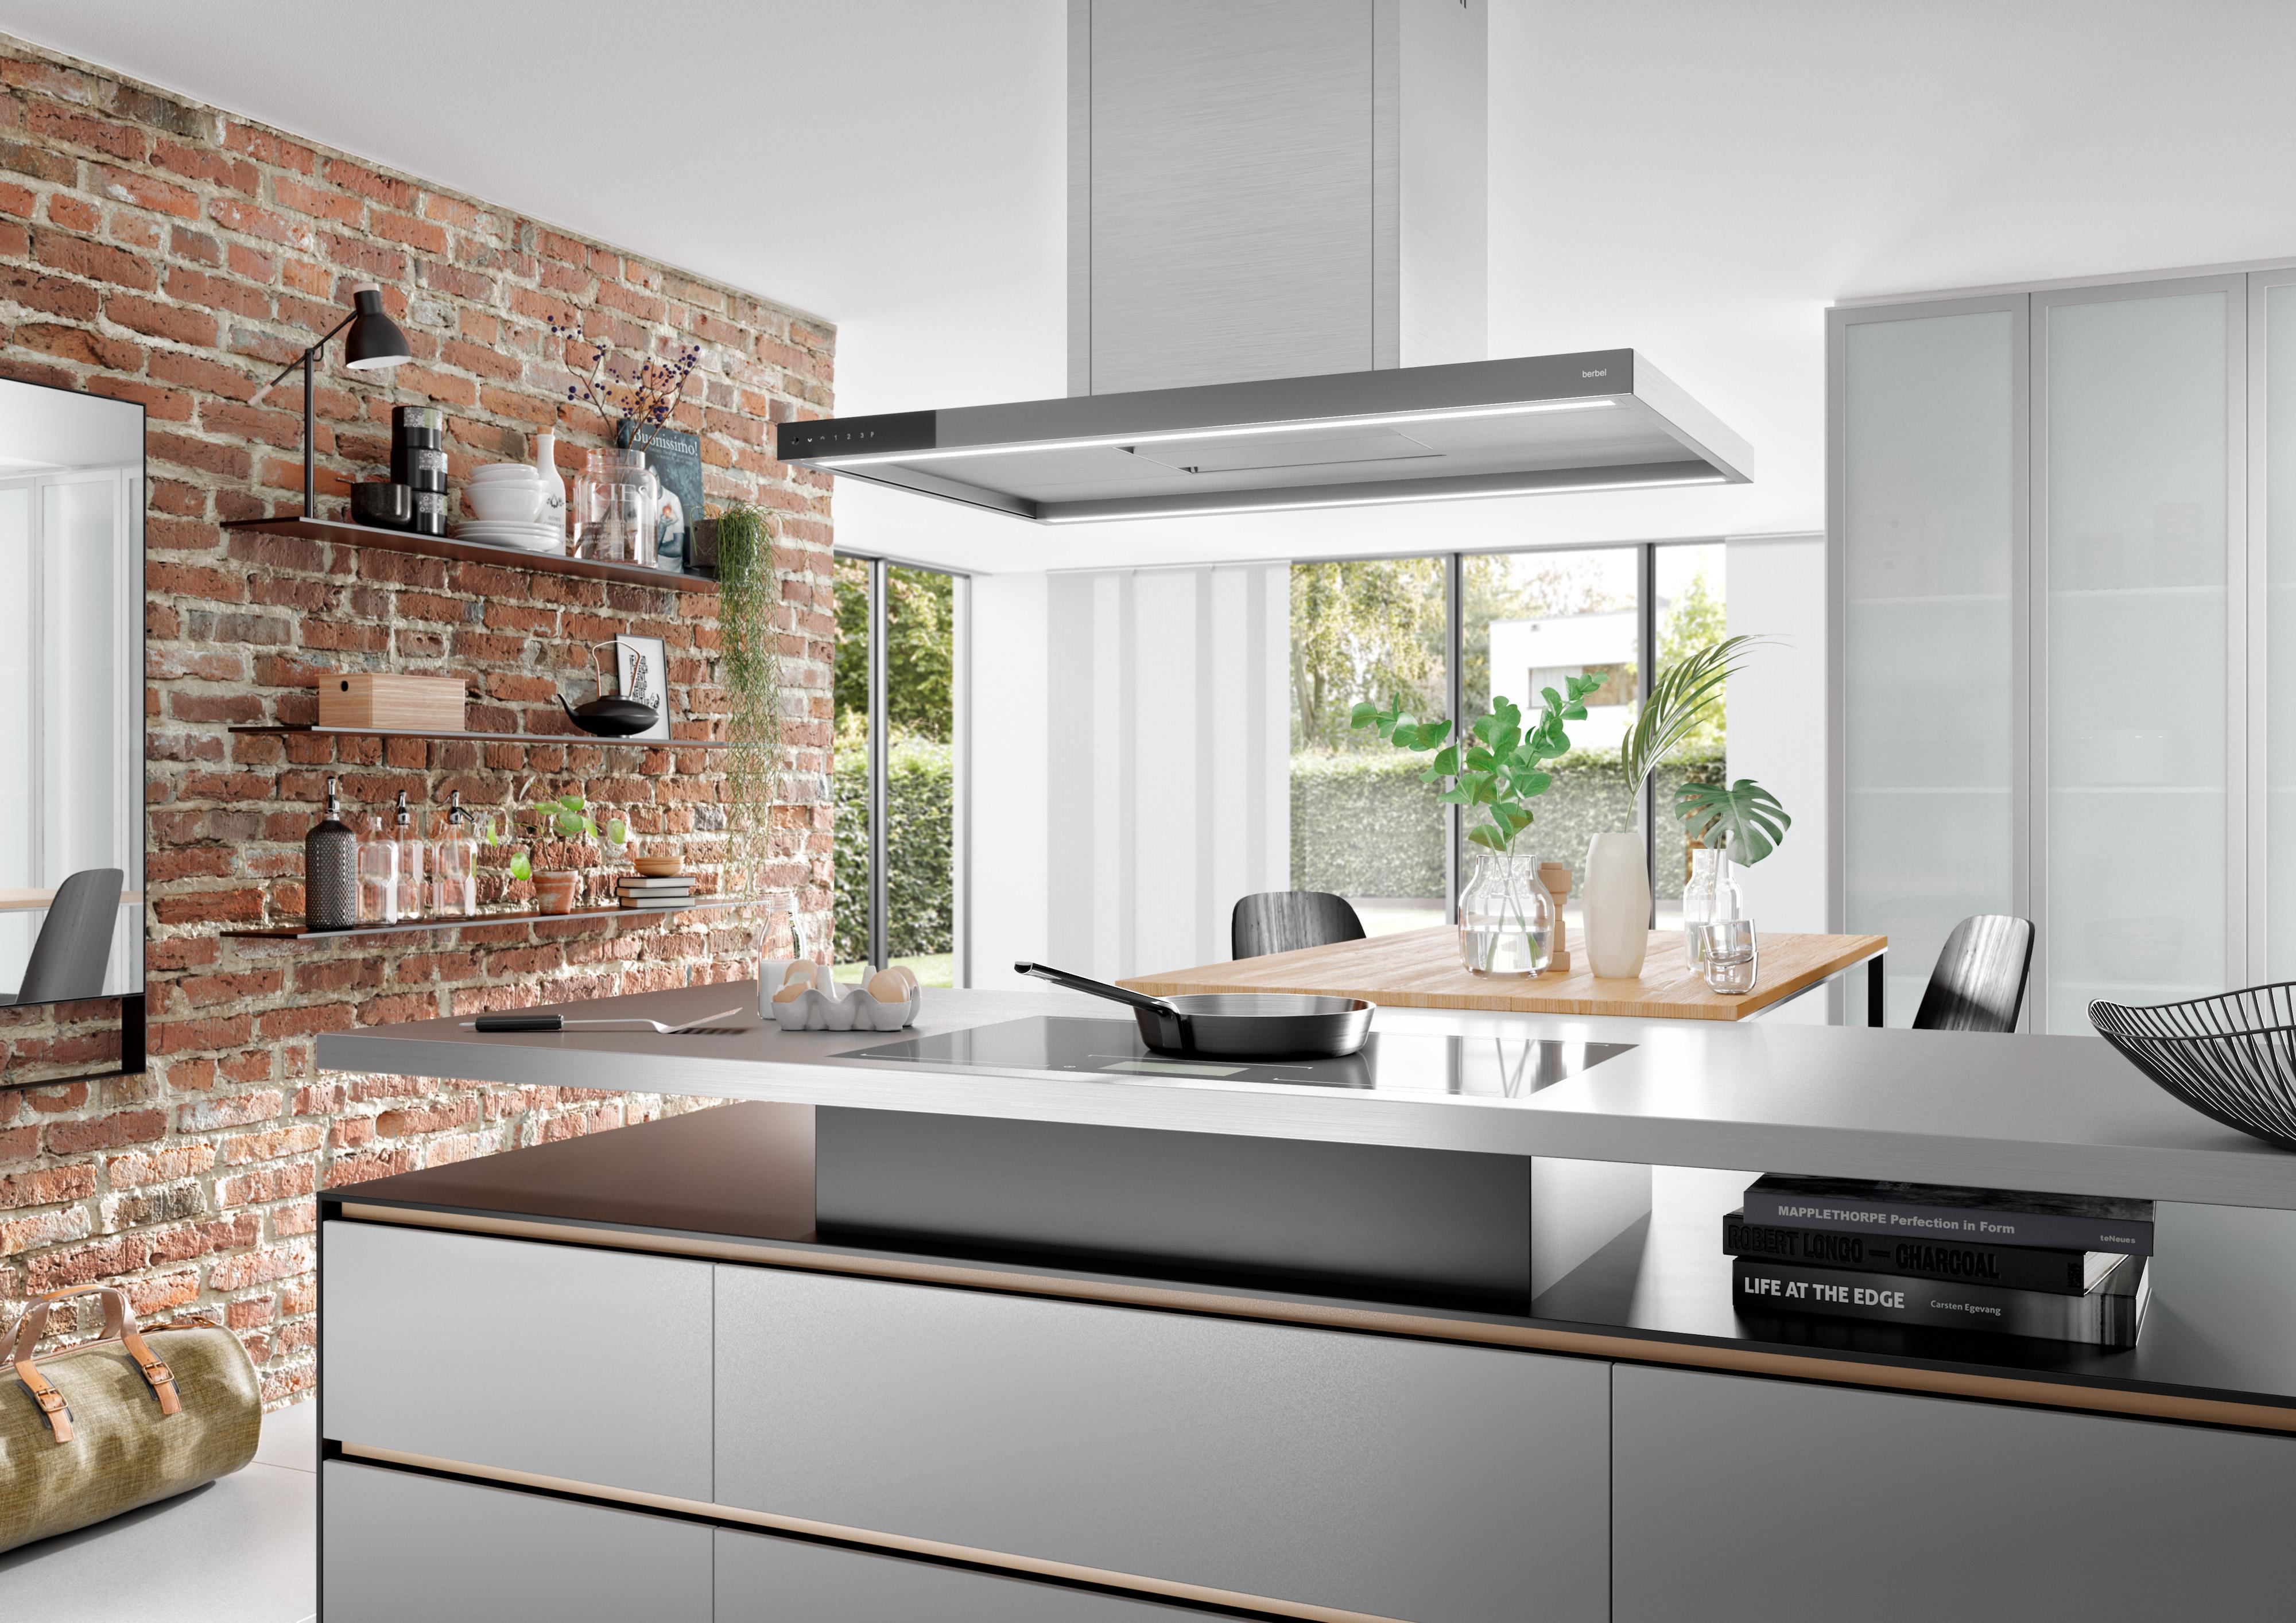 Kücheninsel • Bilder & Ideen • COUCHstyle